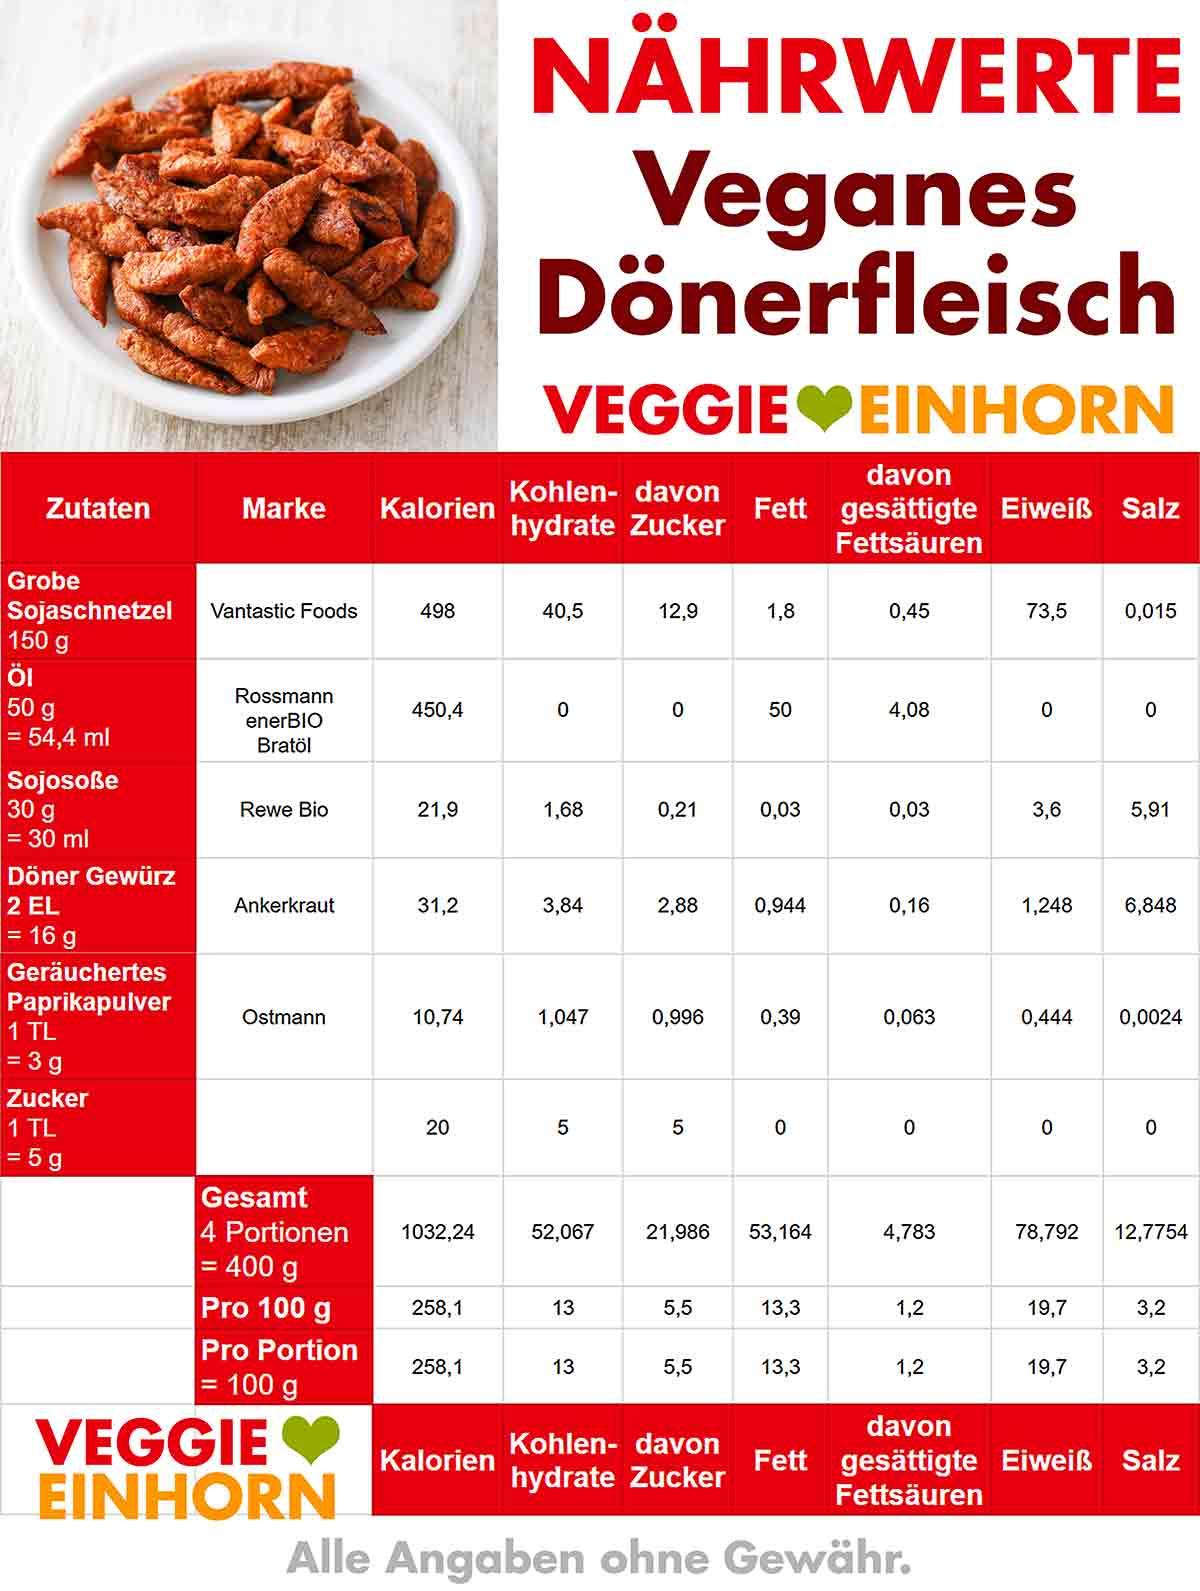 Kalorien von veganem Dönerfleisch